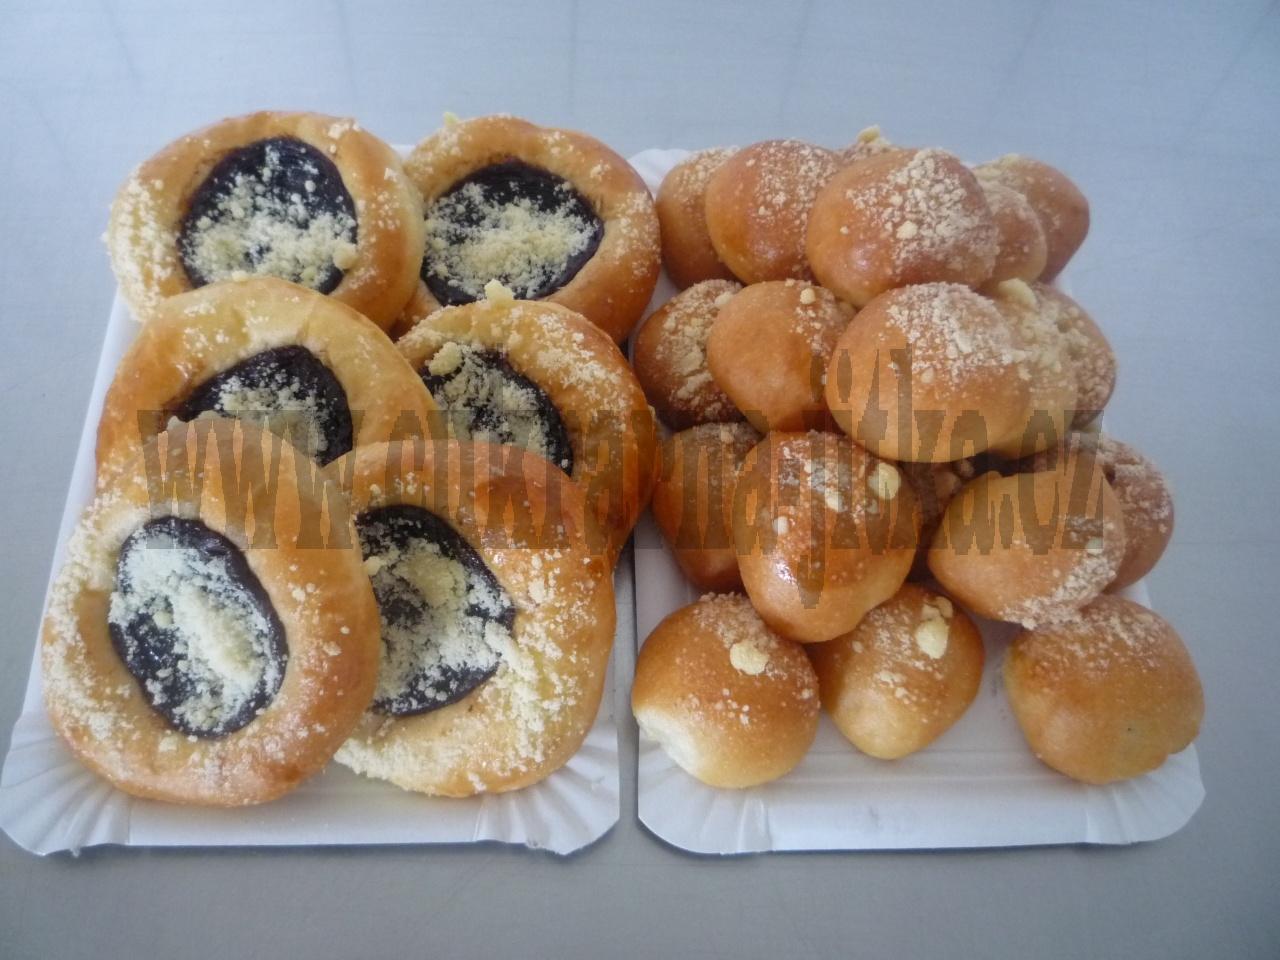 koláčky velké náplň:vrch povidla nebo ořech- uvnitř tvaroh, koláčky malé : tvaroh, mak, povidla, ořech